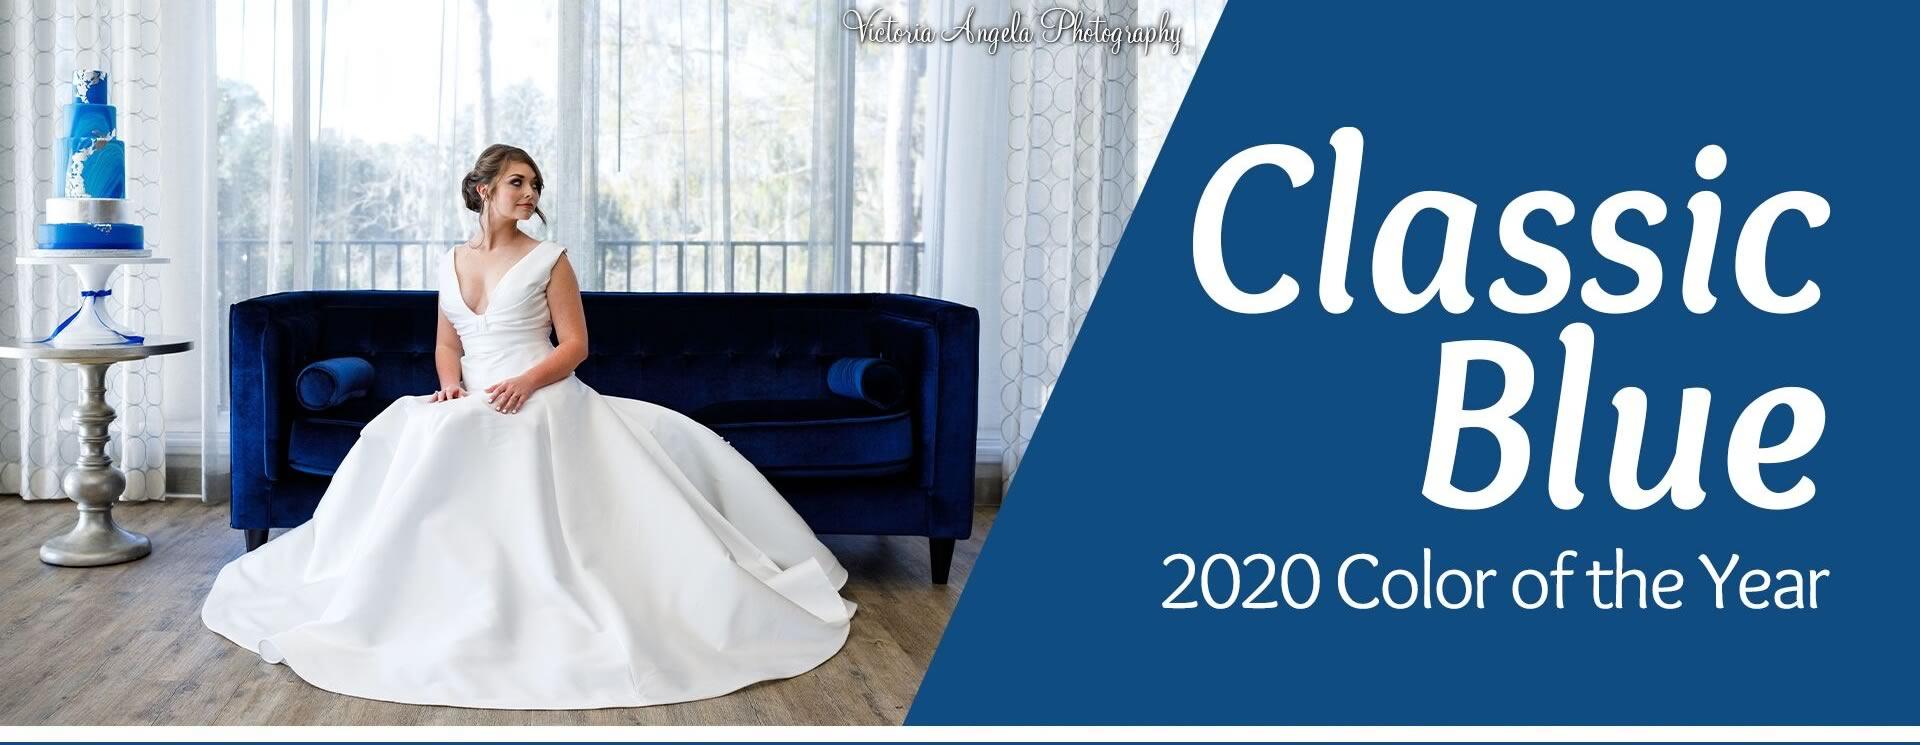 Classic Blue 2020 - A Chair Affair Rentals